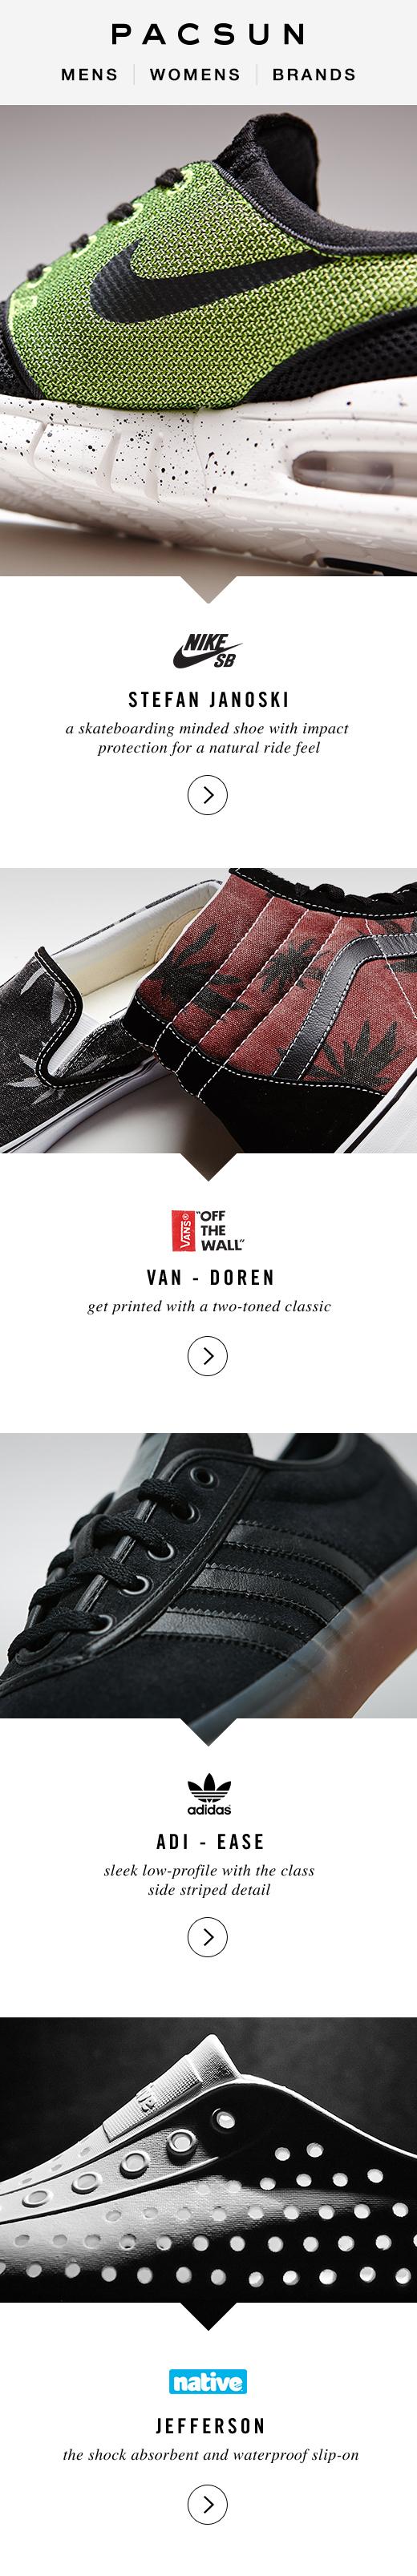 0814_SneakerSunday_v5.jpg